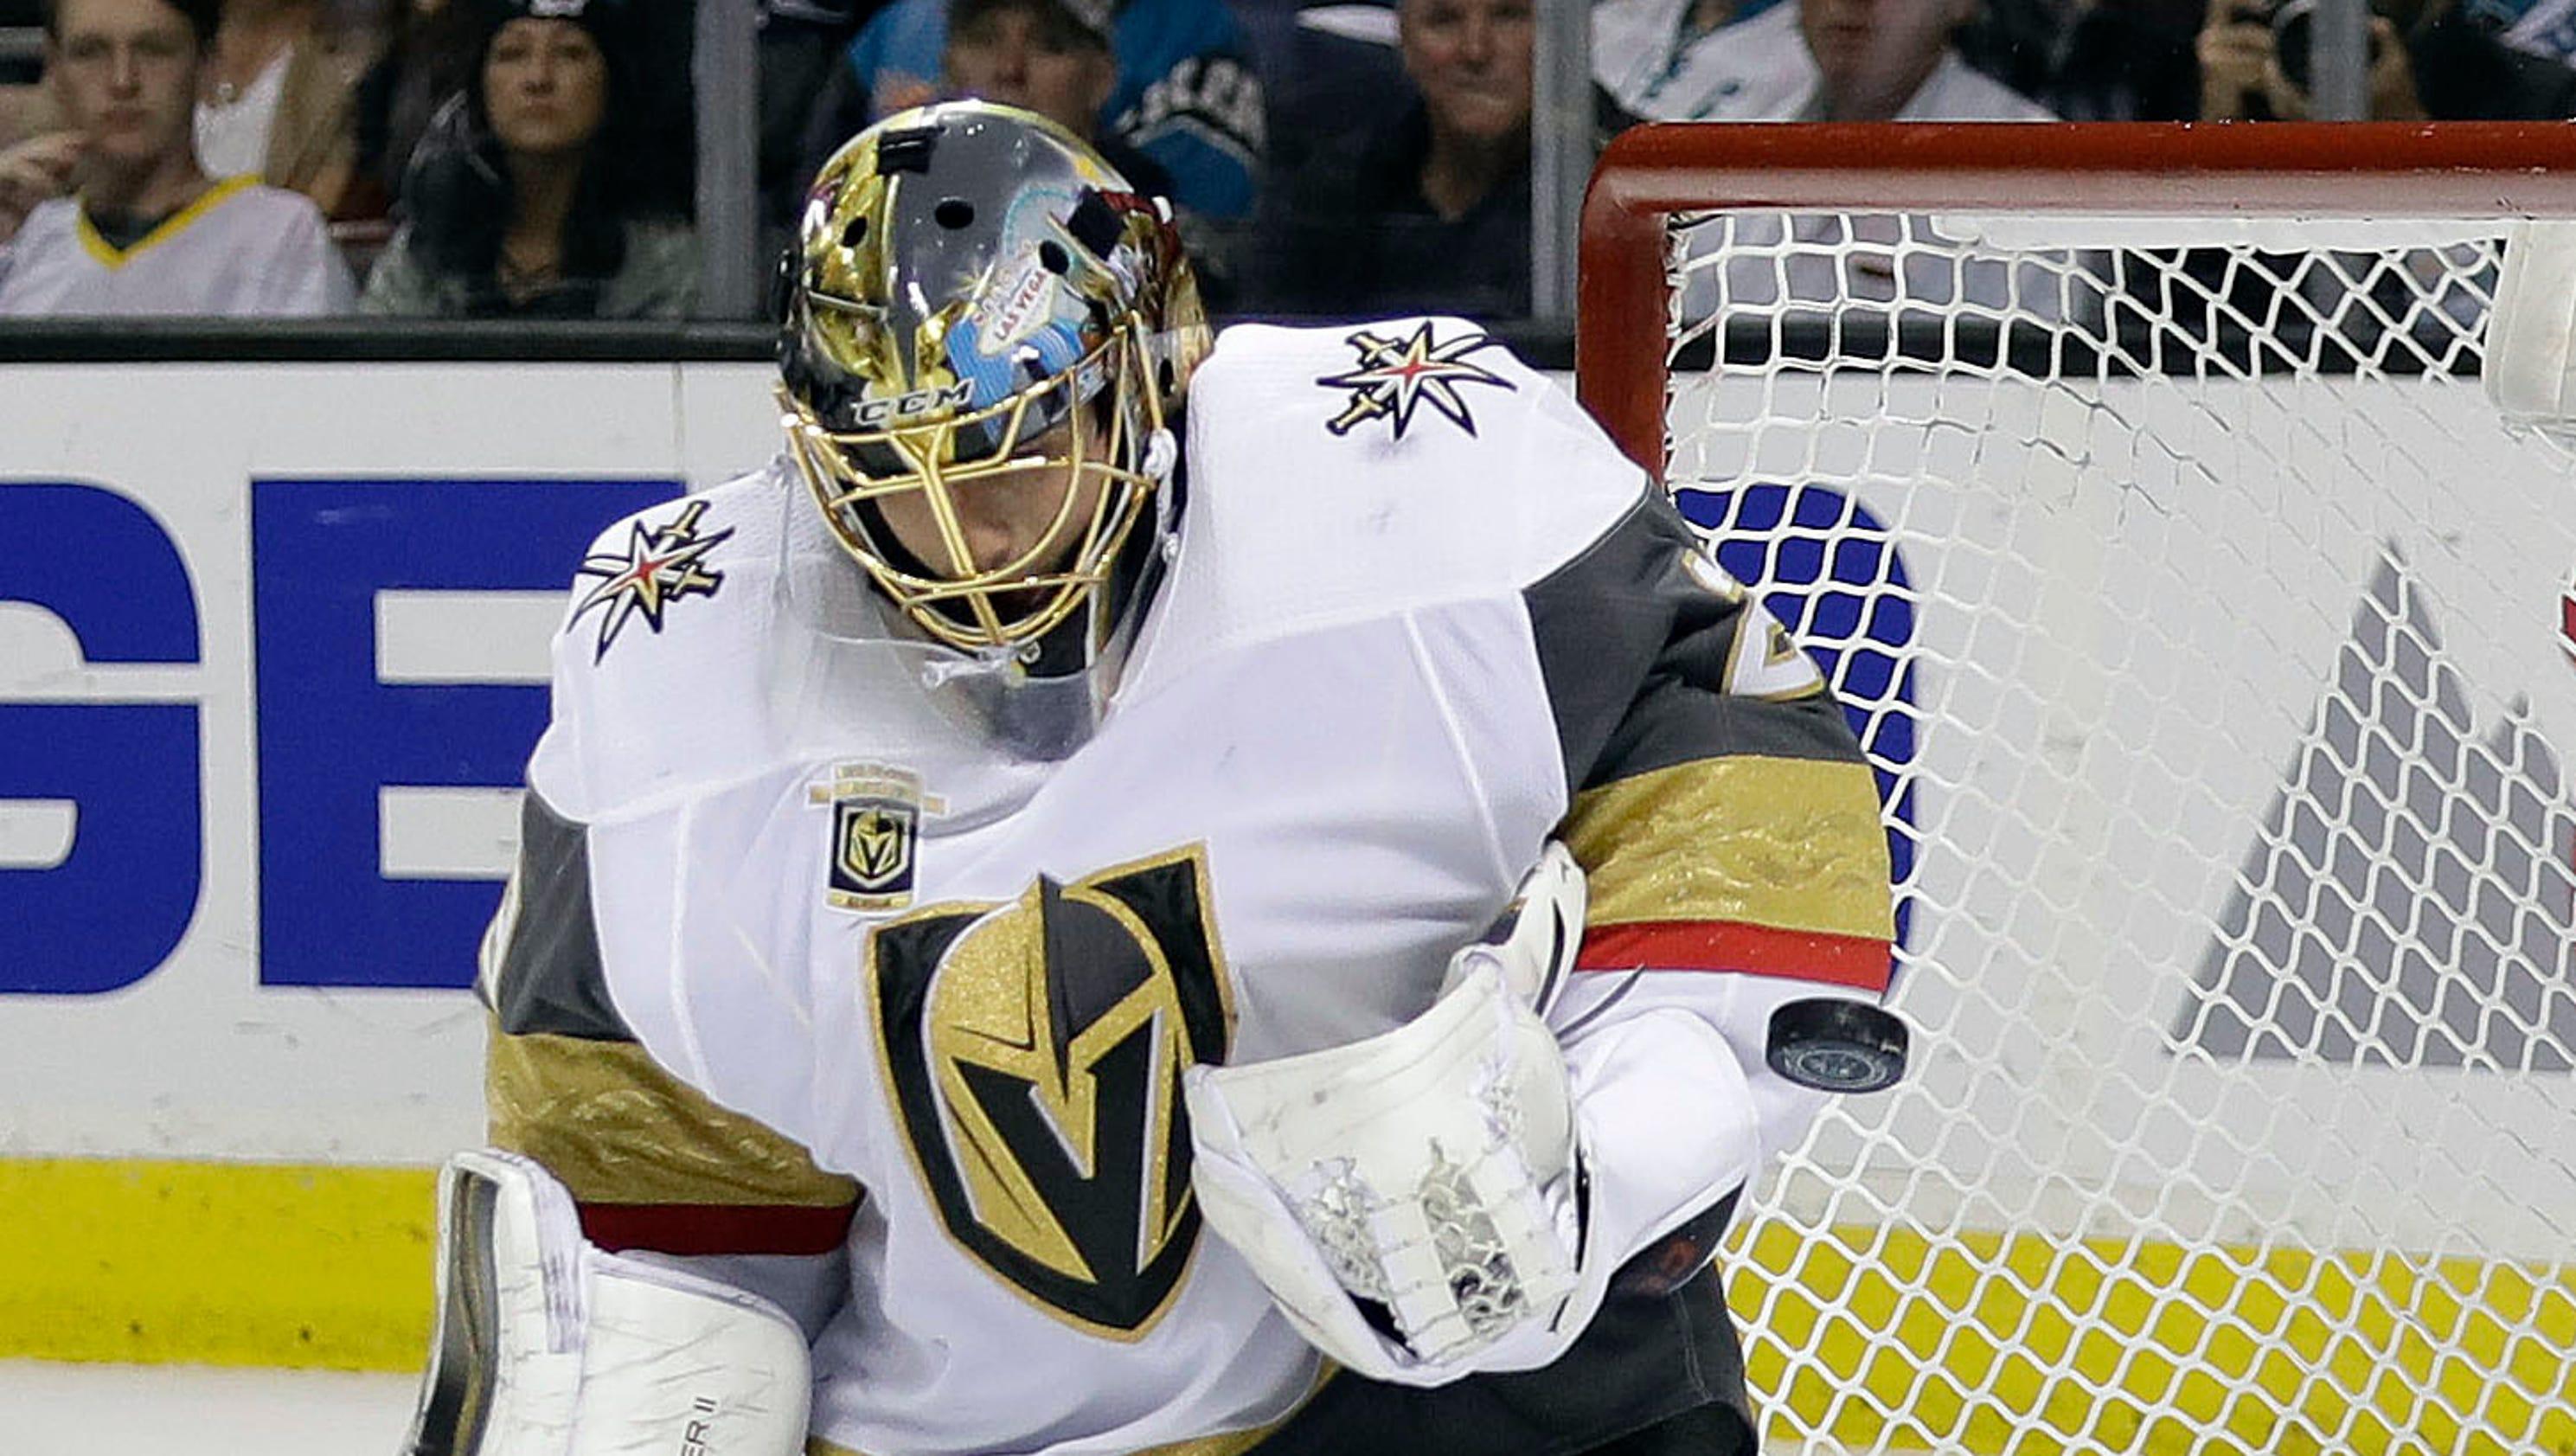 636612396864658925-ap-golden-knights-sharks-hockey-99680581